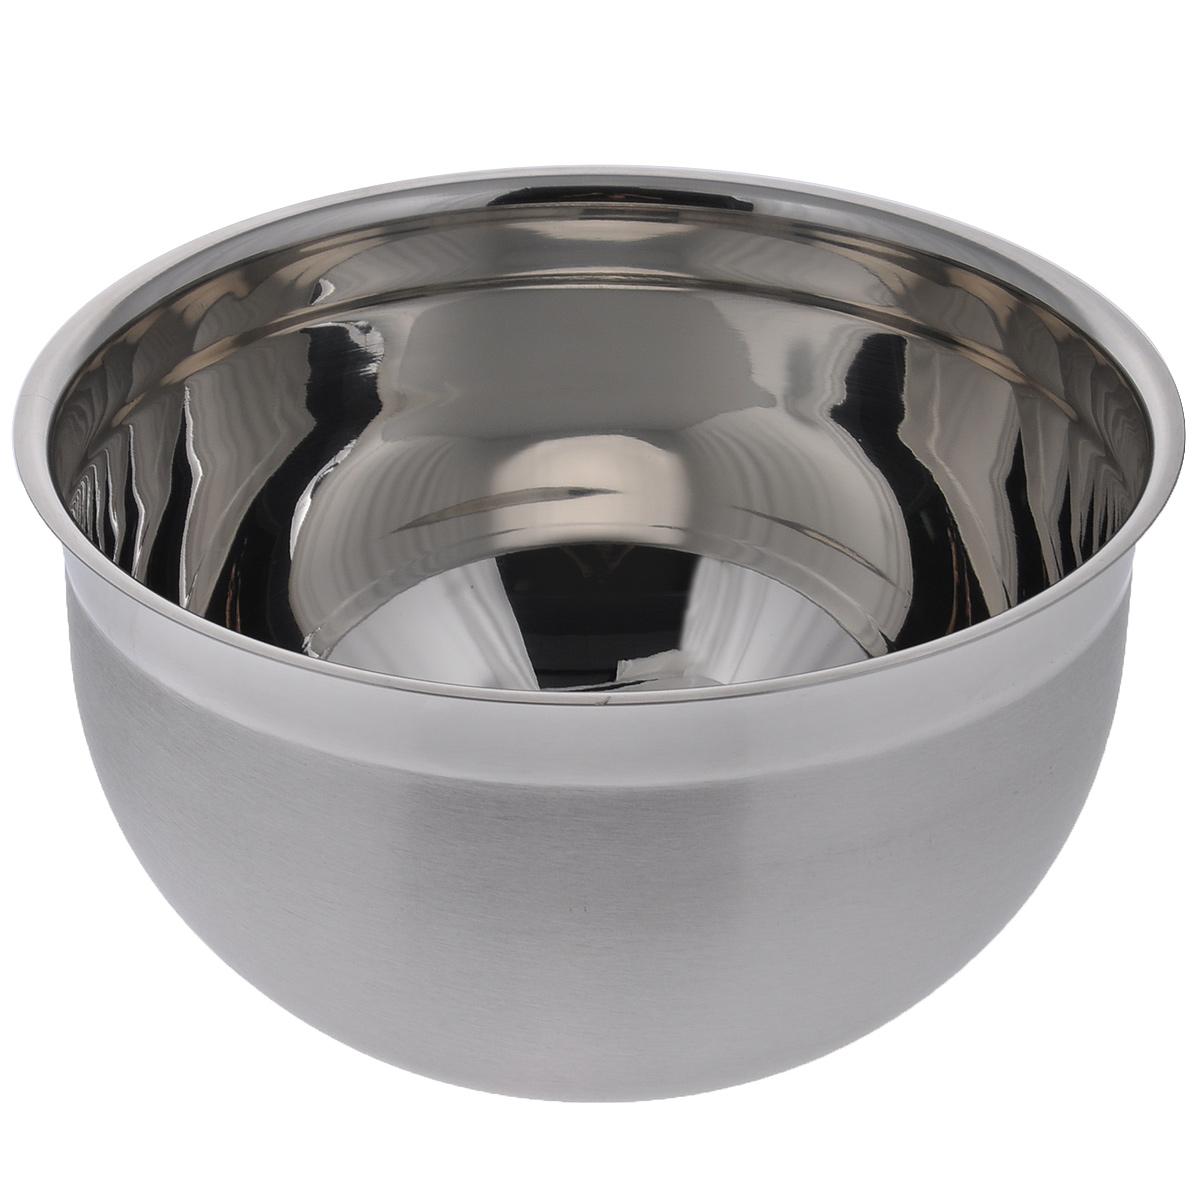 Миска Tescoma Delicia, диаметр 28 см630393Миска Tescoma Delicia, изготовленная из высококачественной нержавеющей стали, просто незаменимая вещь на кухне любой современной хозяйки. С ней приготовление и употребление пищи переходит на качественно новый уровень. Вы сможете использовать ее для замешивания теста, приготовления салата, мытья овощей и многих других кулинарных операций. Можно мыть в посудомоечной машине.